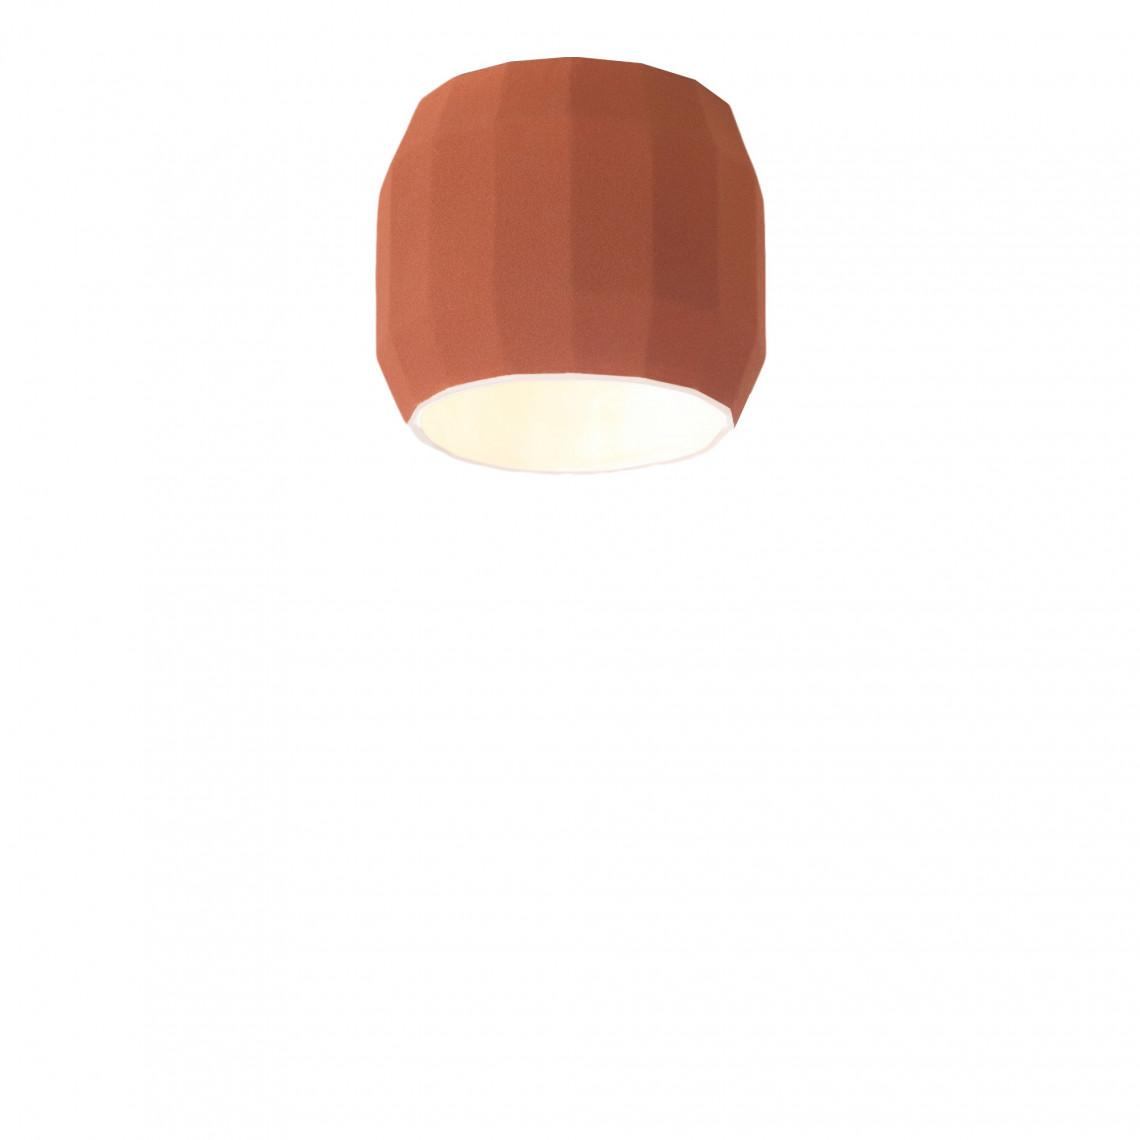 Scotch Club C - Ceiling Lamp Terracotta/White